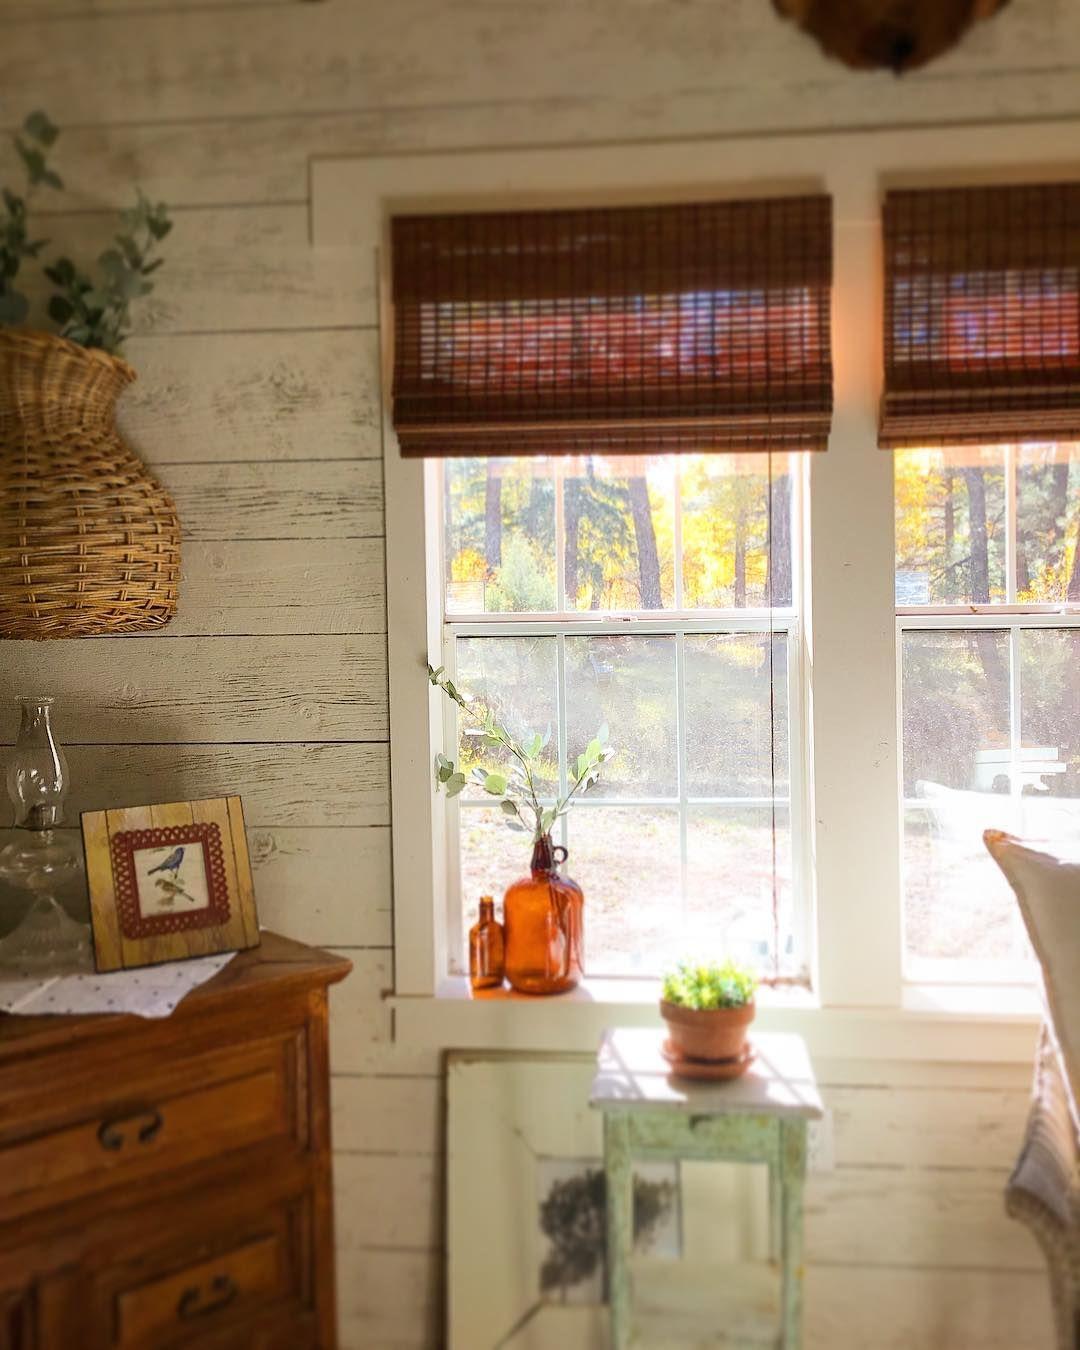 C o u n t r y Decor, Country farmhouse decor, Primitive